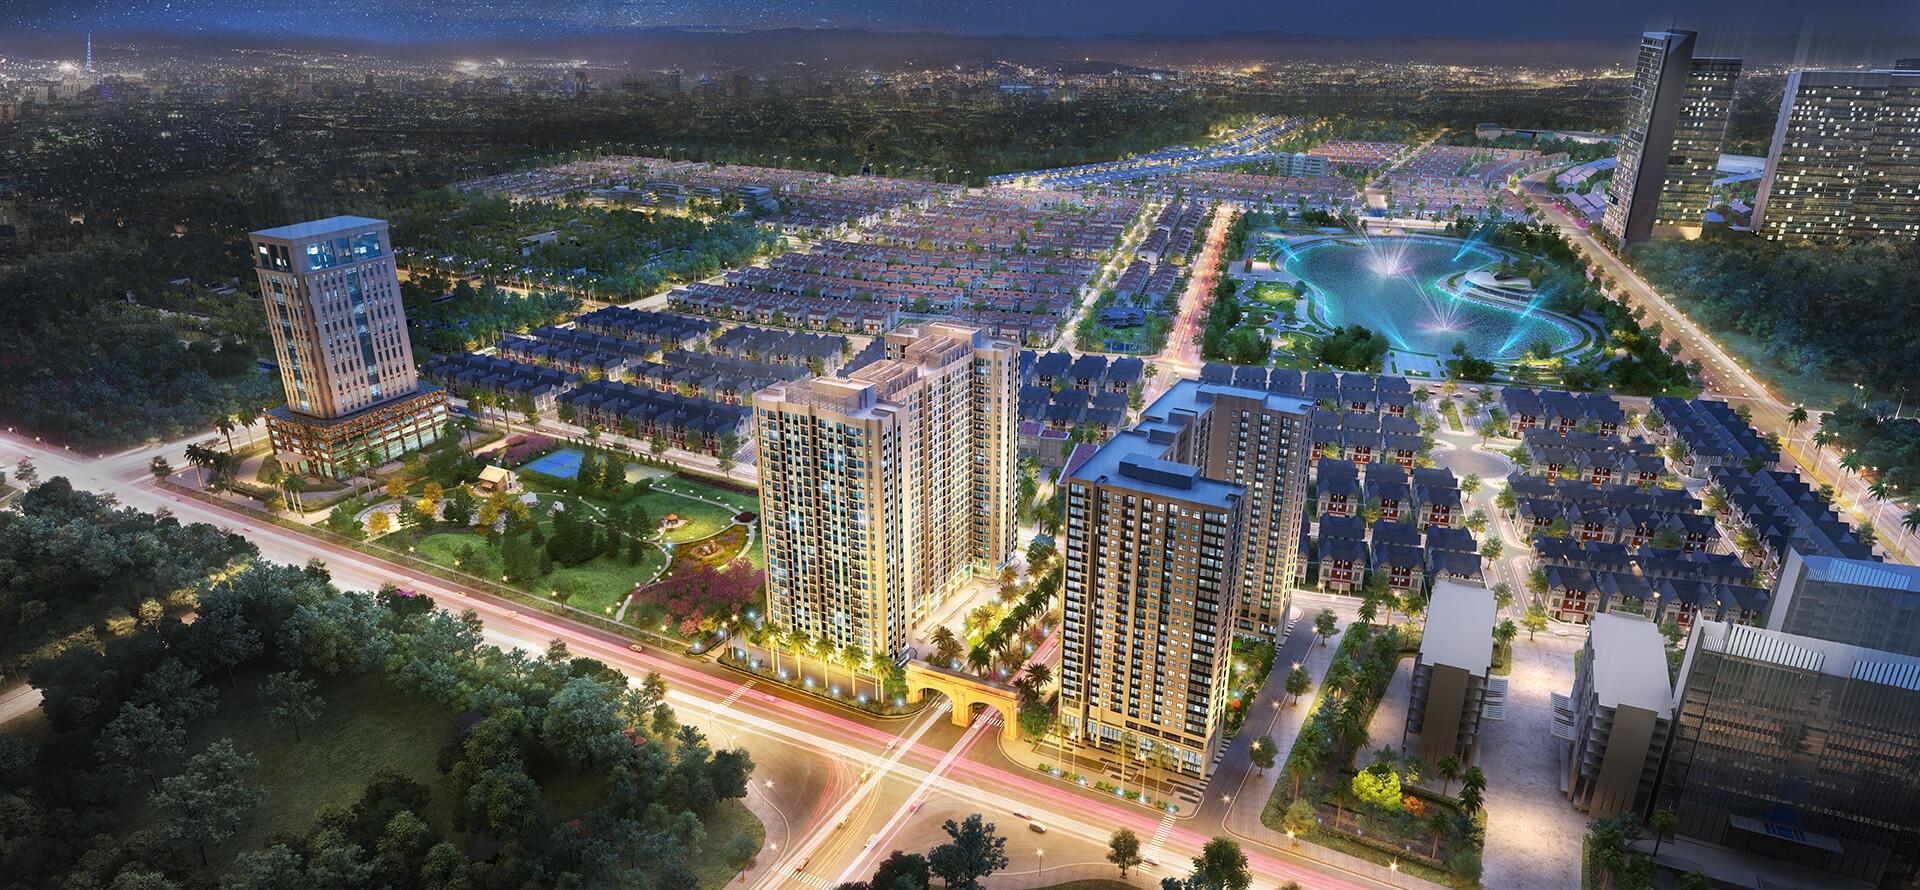 Tại sao nên chọn mua biệt thự An Vượng Villa vào thời điểm này?